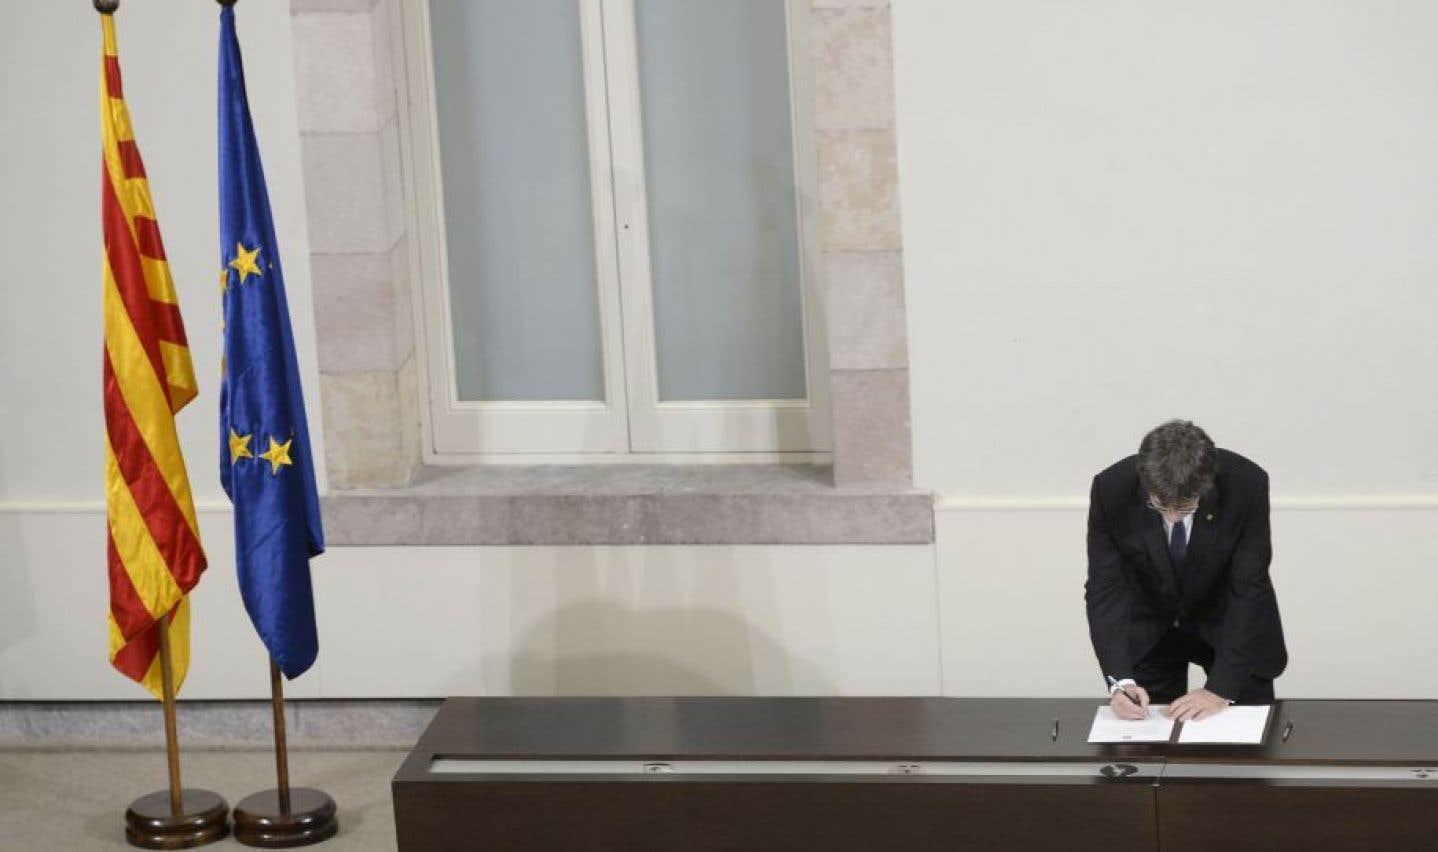 Le président de la Catalogne, Carles Puigdemont, a signé la déclaration d'indépendance de cette région de l'Espagne, mais son gouvernement et lui en ont suspendu l'application — sans limite de temps — pour pouvoir négocier avec Madrid.